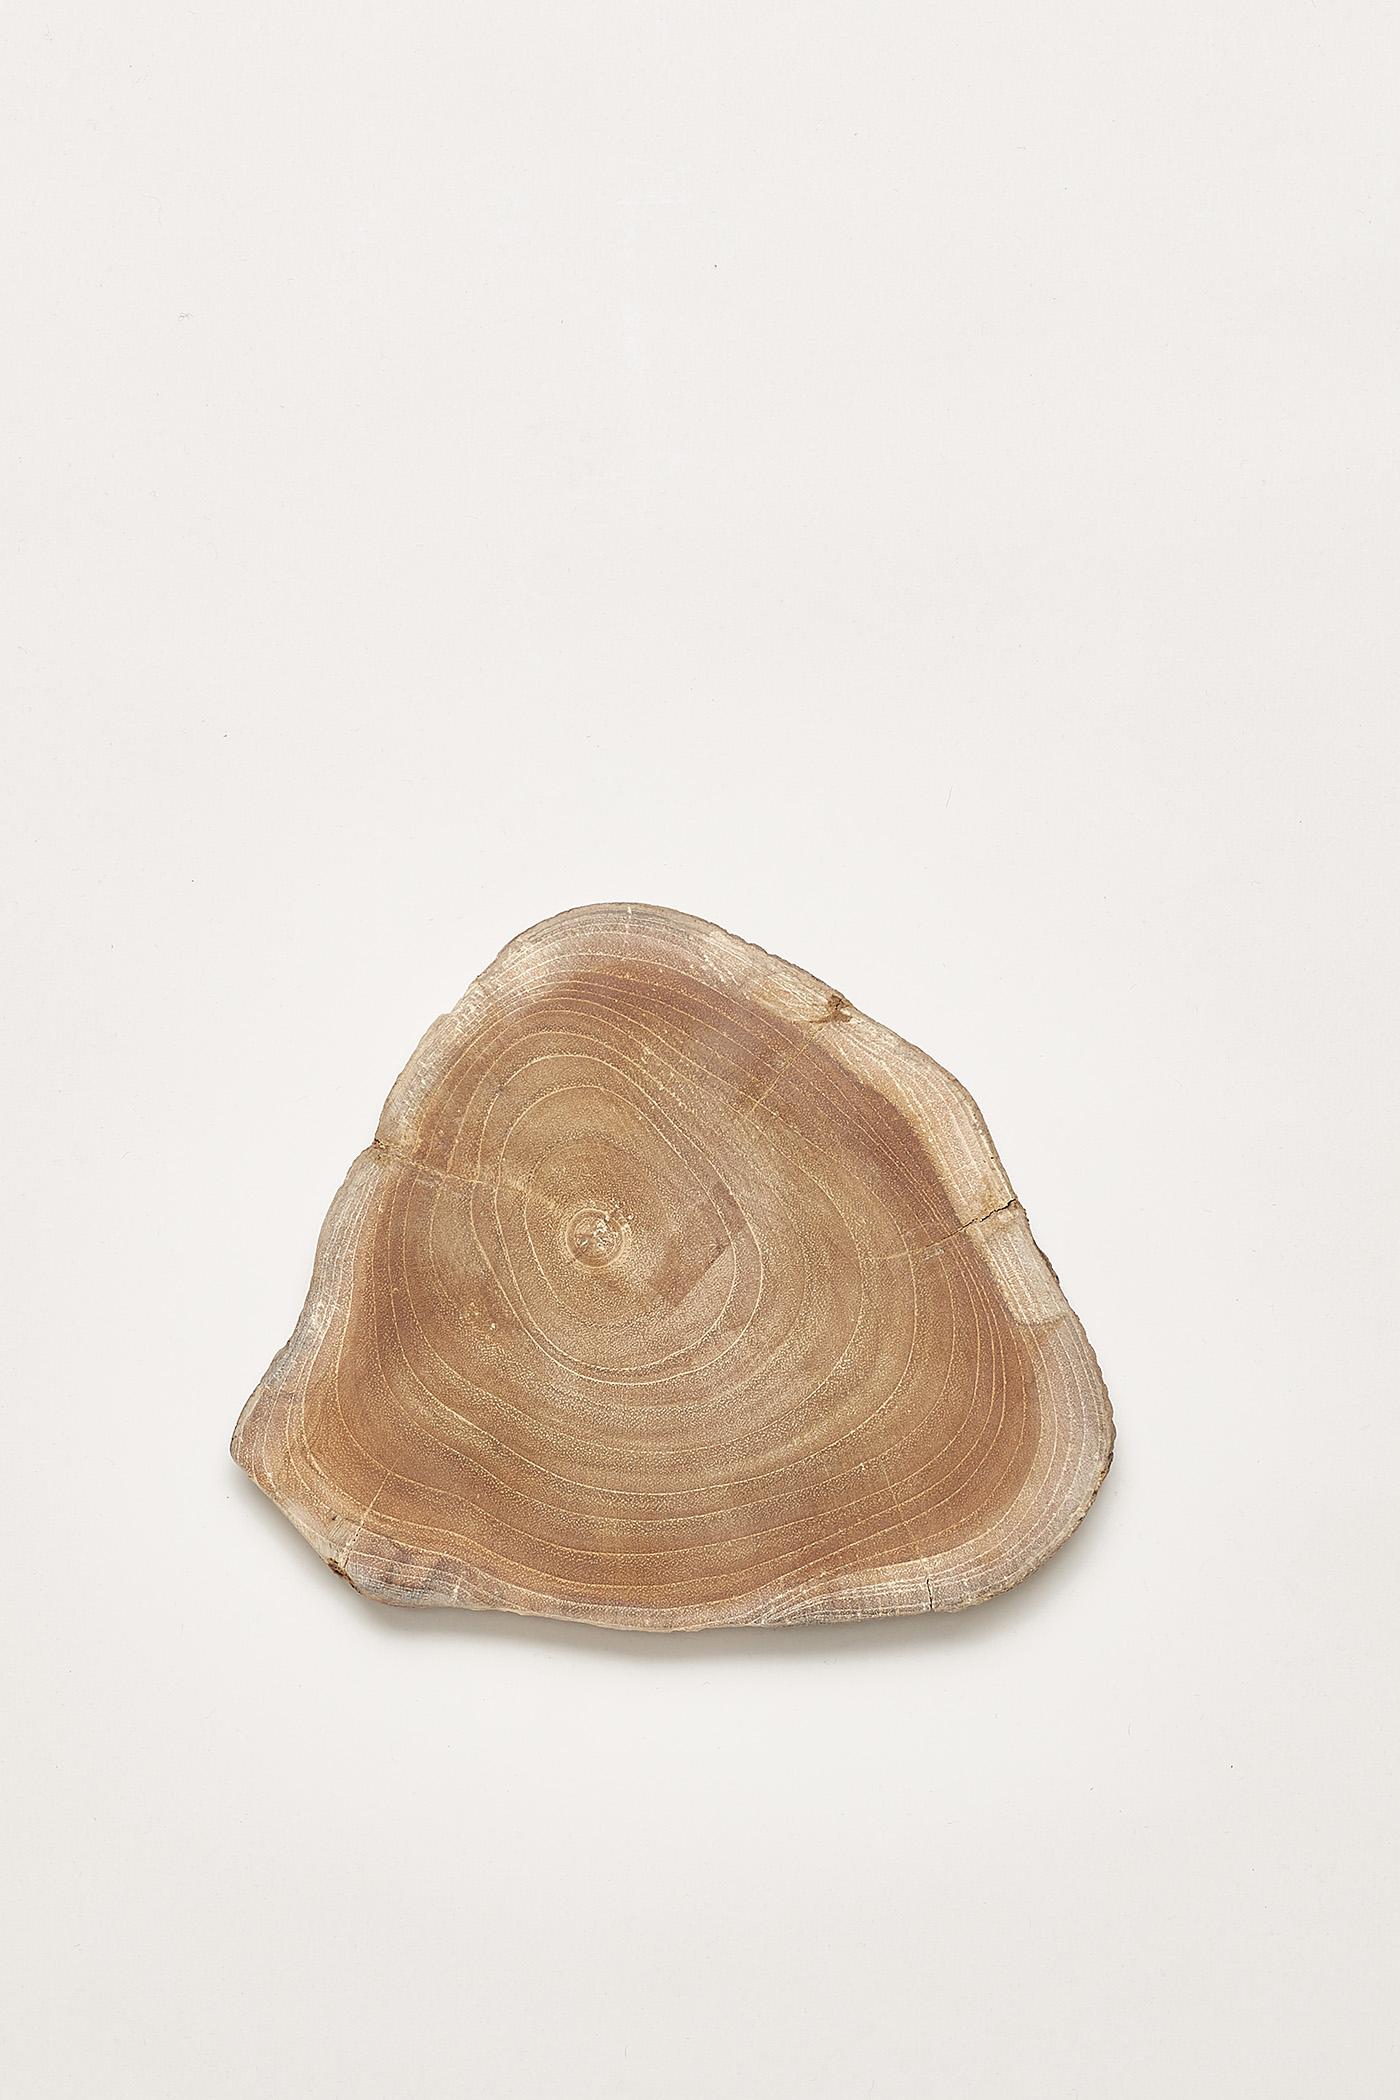 Aaren Wooden Slab